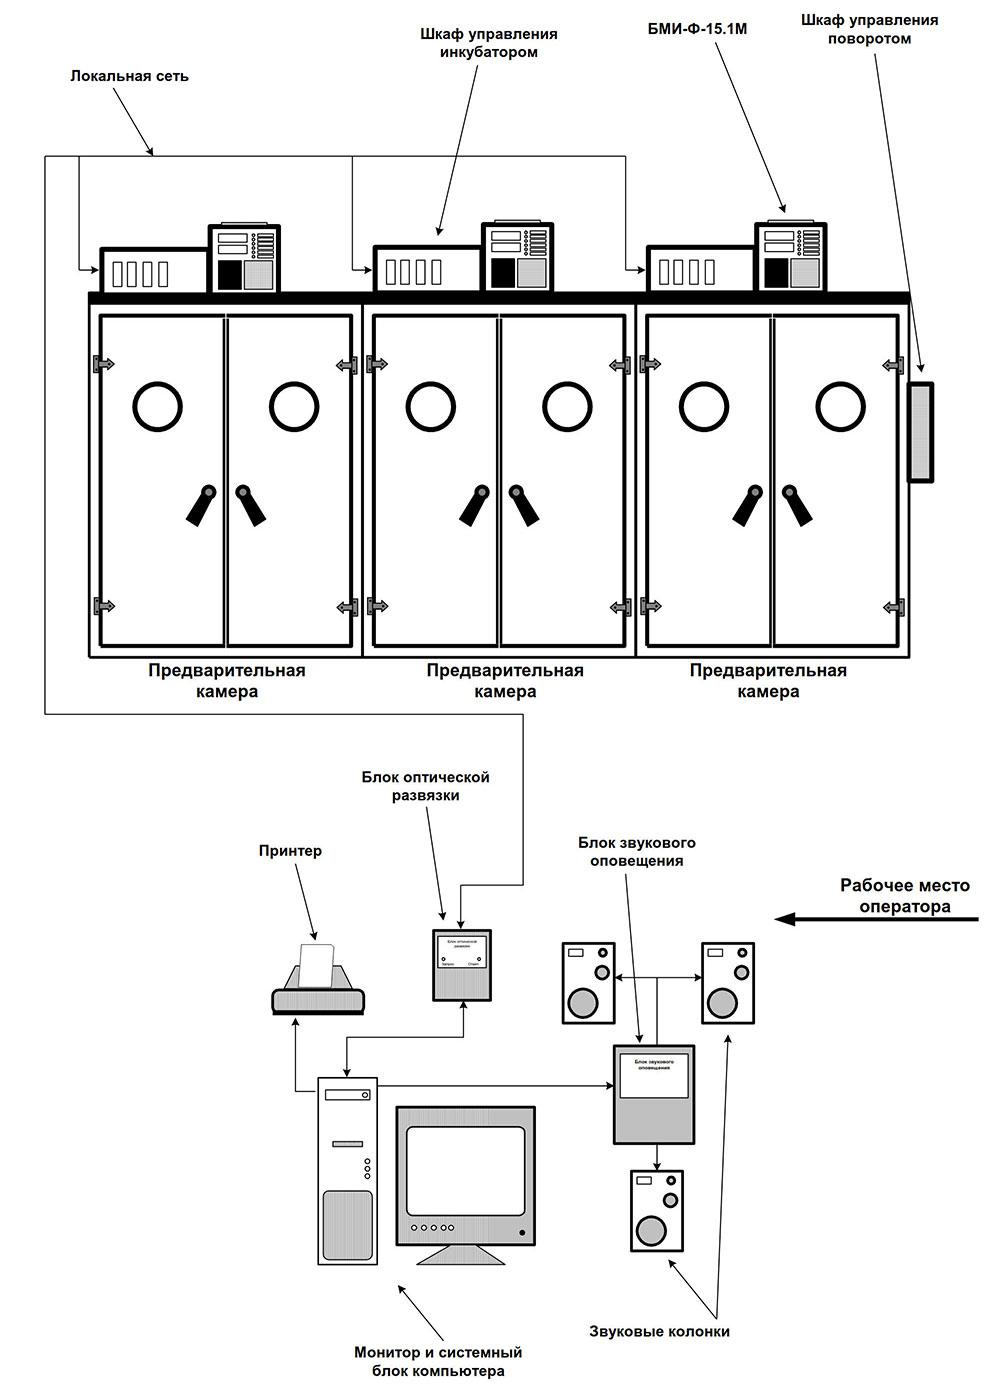 Схема расположения БМИ-Ф-15.01М